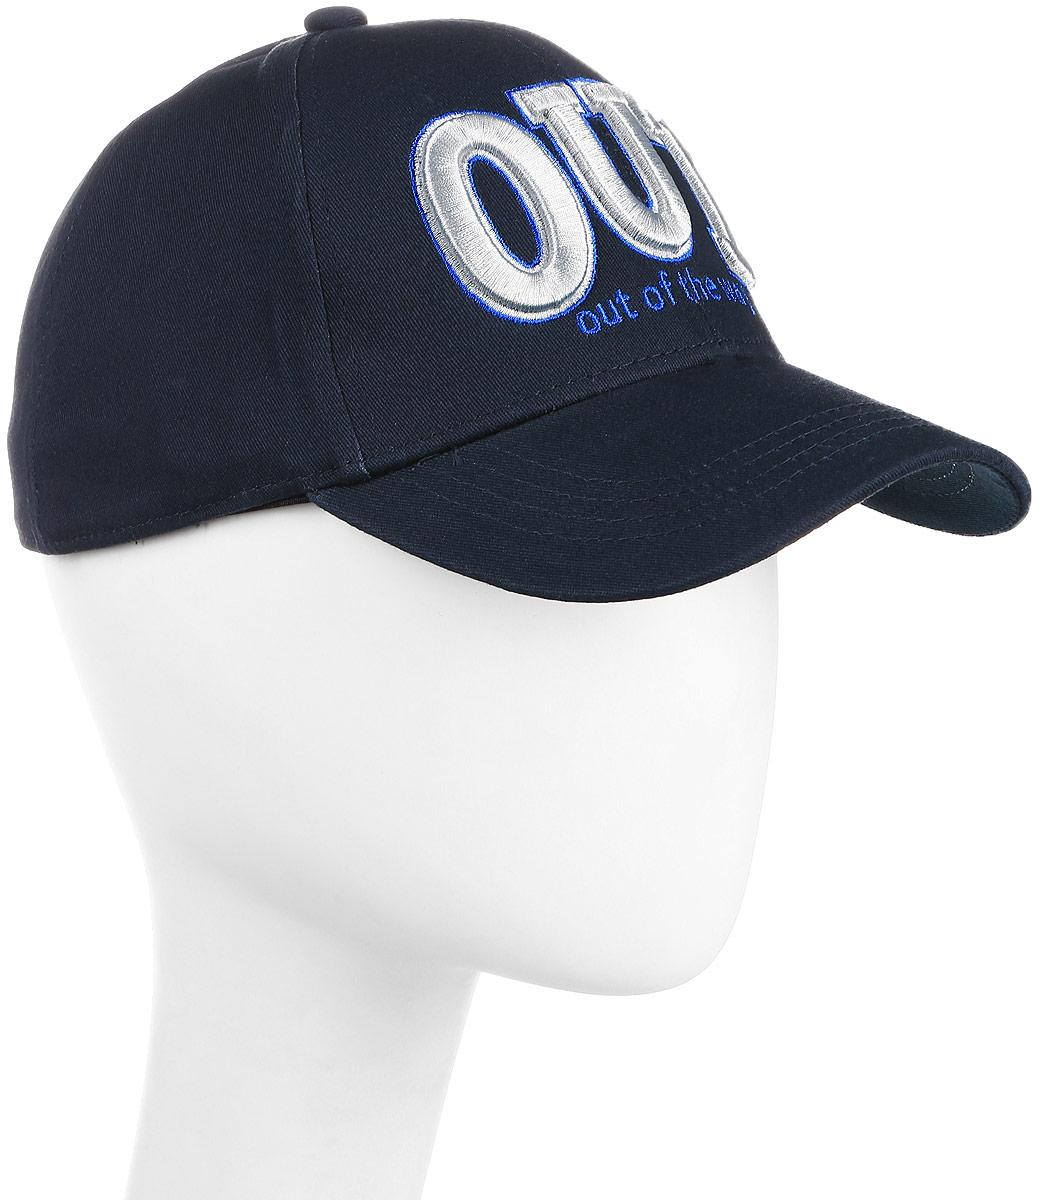 Бейсболка мужская Maxval, цвет: темно-синий. BY141025. Размер 57/59BY141025Модная бейсболка Maxval с дополнительным объемом. Клубная объемная вышивка делает эту модель интересной для любителей спортивного стиля одежды. Спандекс в составе ткани обеспечивает плотную посадку по голове.